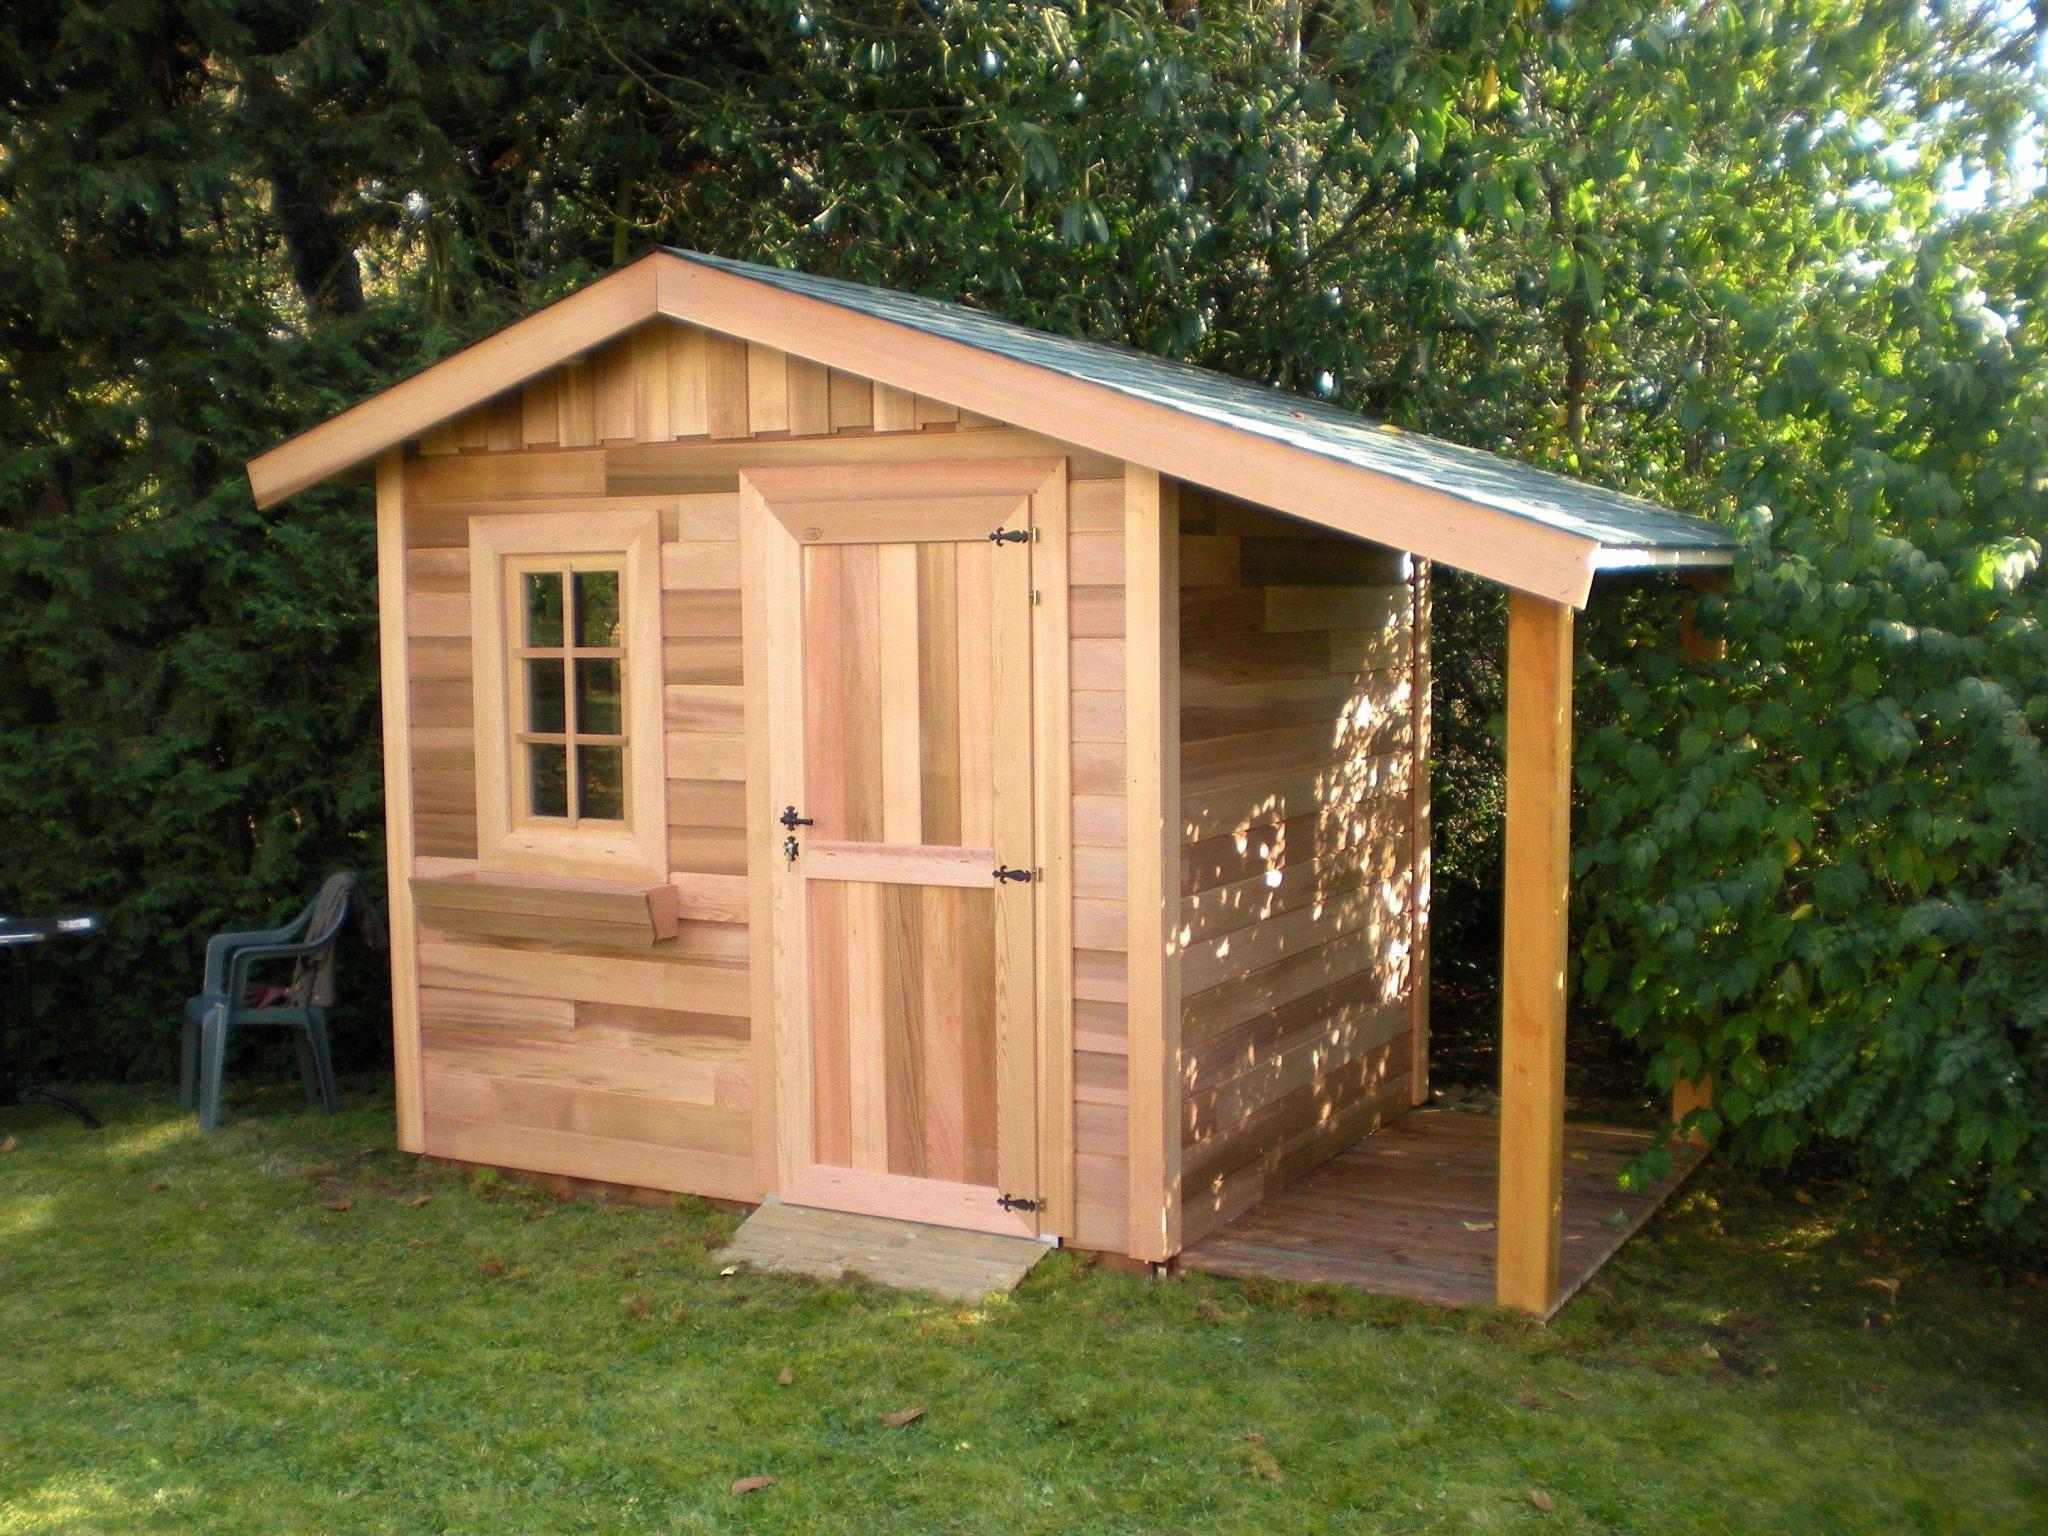 Abri De Jardin Brico Depot Luxe Abri Jardin Pvc Promotion Ou ... serapportantà Fabriquer Un Abri De Jardin